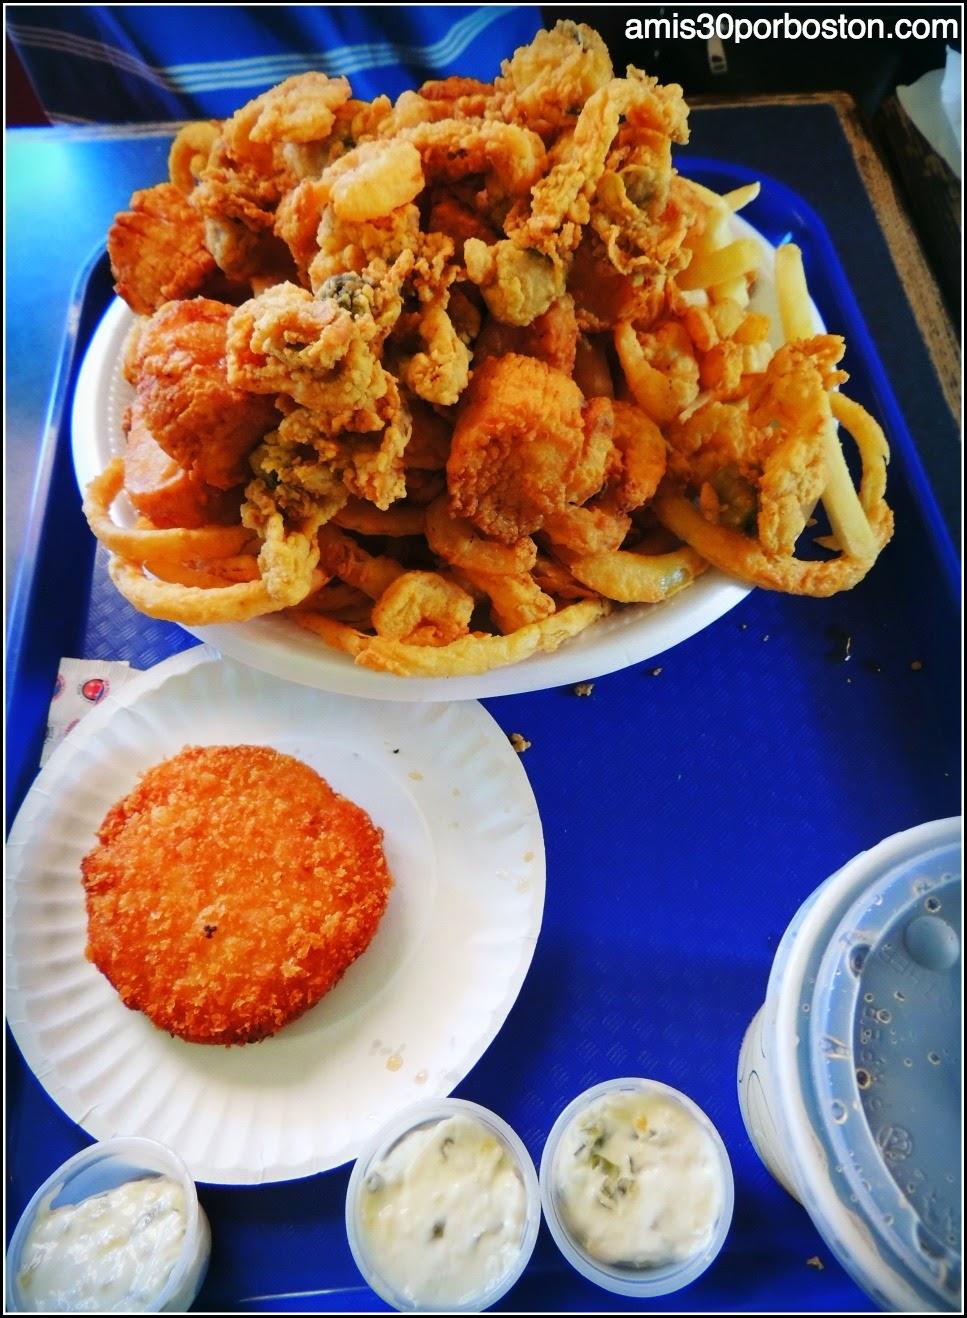 Restaurante de Almejas Fritas de Ipswich